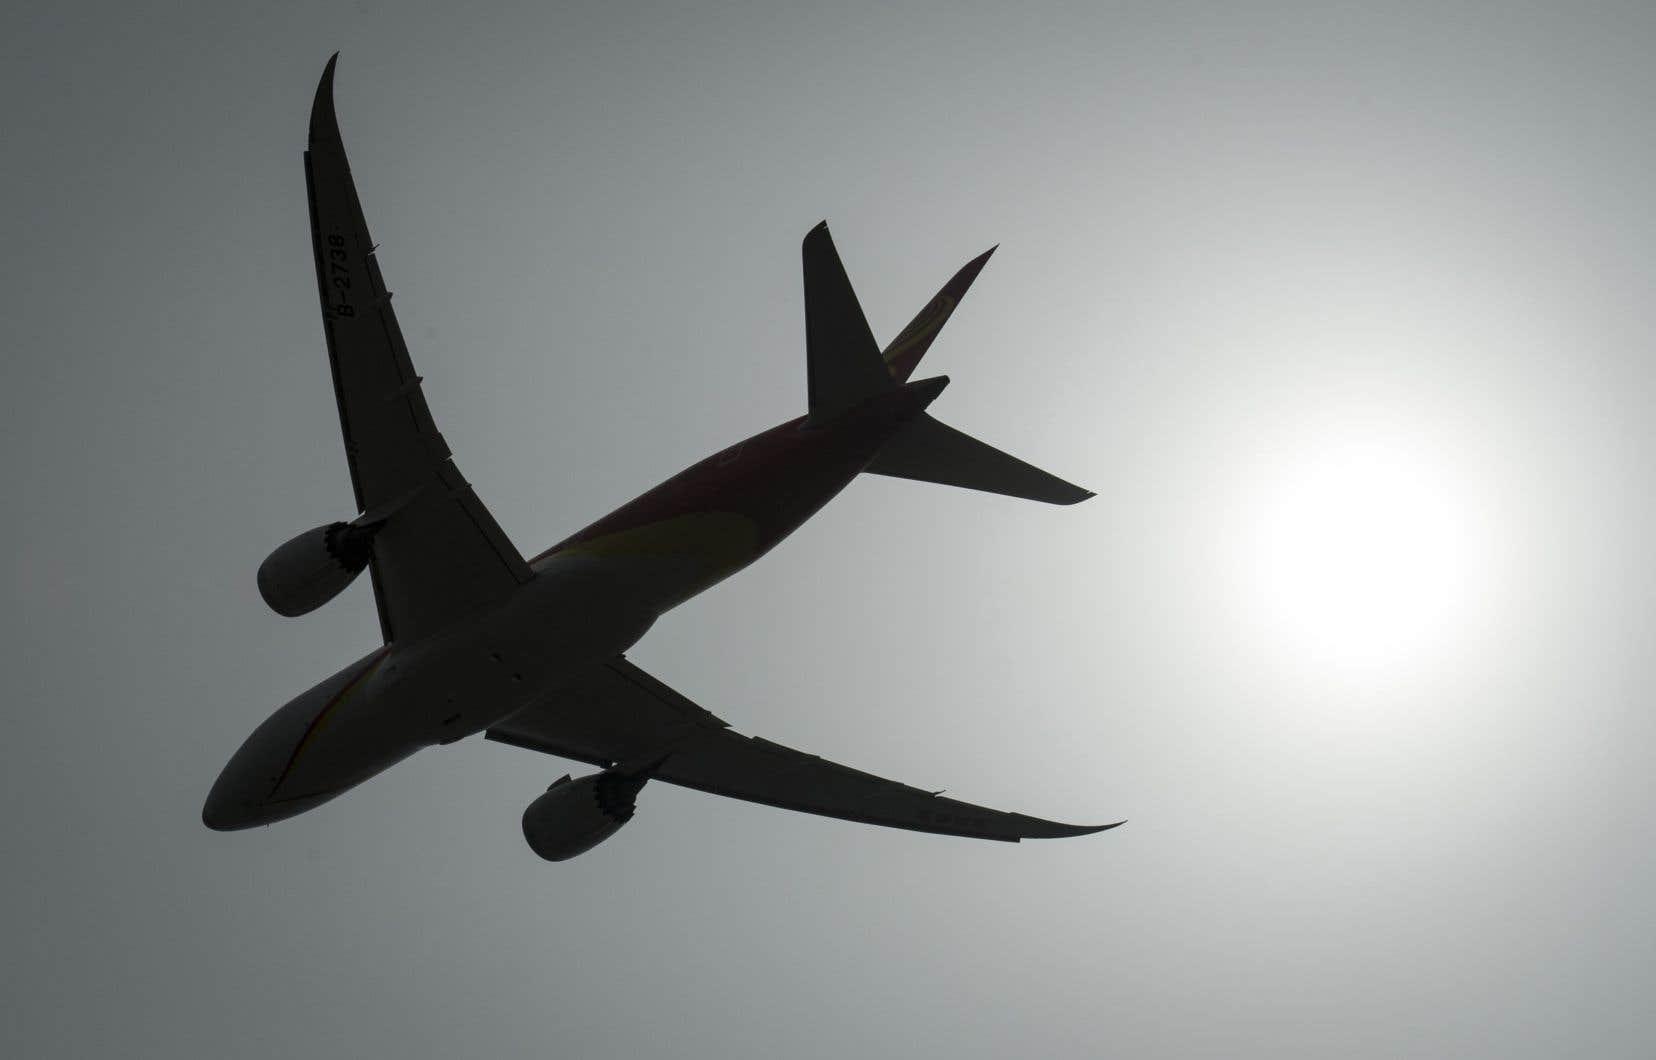 Air Canada annonce le redémarrage de son service le 1ermai. Entre-temps, elle indique que les clients concernés seront avisés et se verront offrir un remboursement complet.